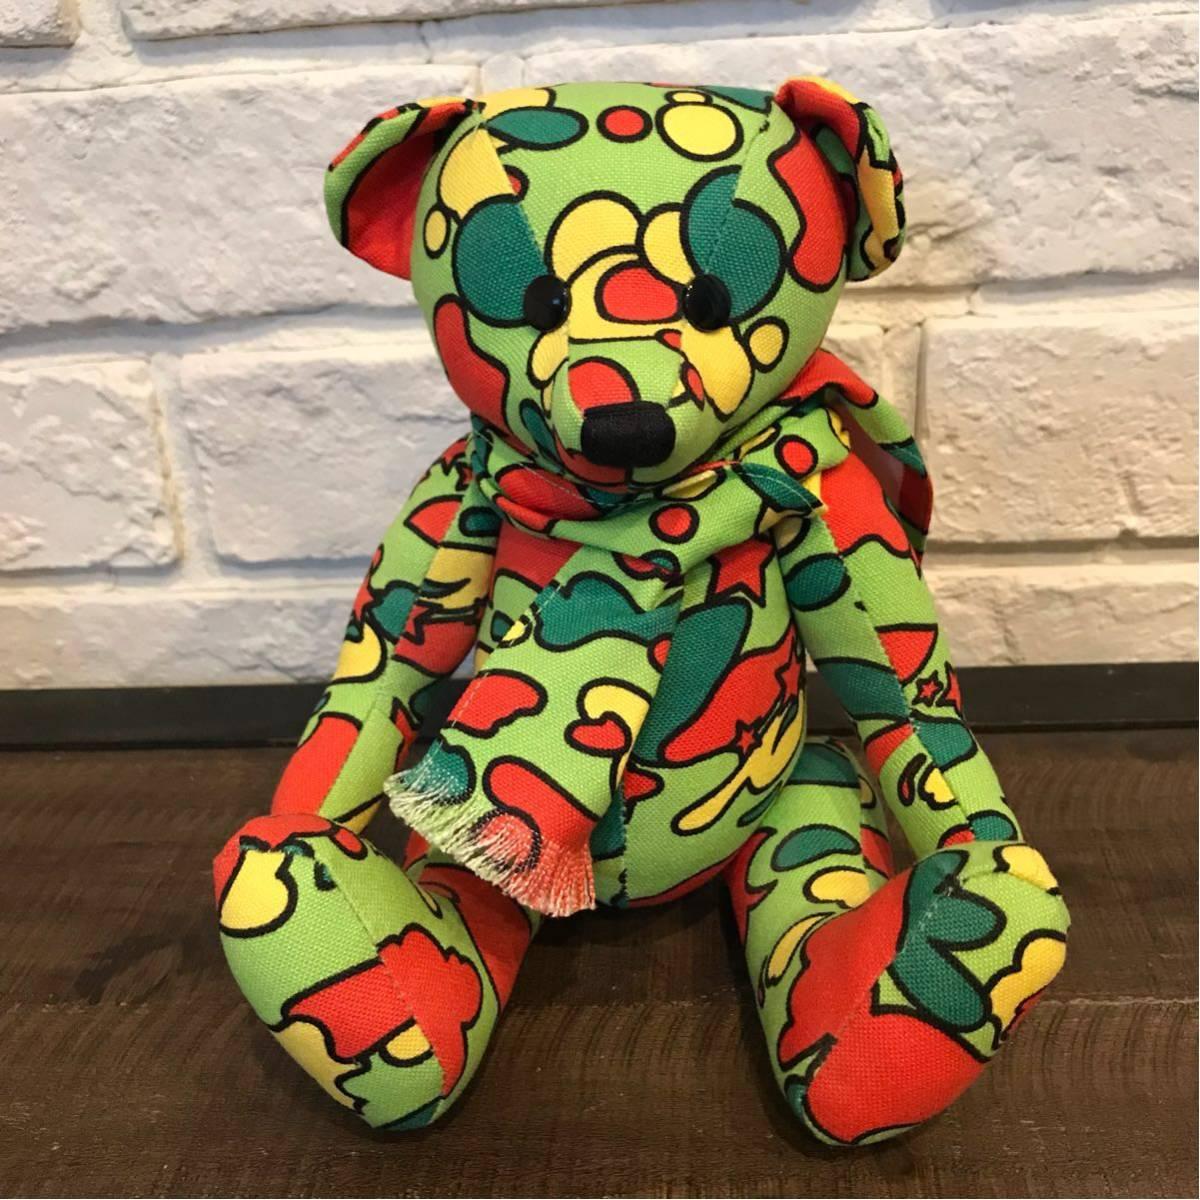 ★激レア★ psyche camo Teddy bear a bathing ape BAPE サイケカモ sta camo エイプ ベイプ nigo pharrell テディベア ぬいぐるみ